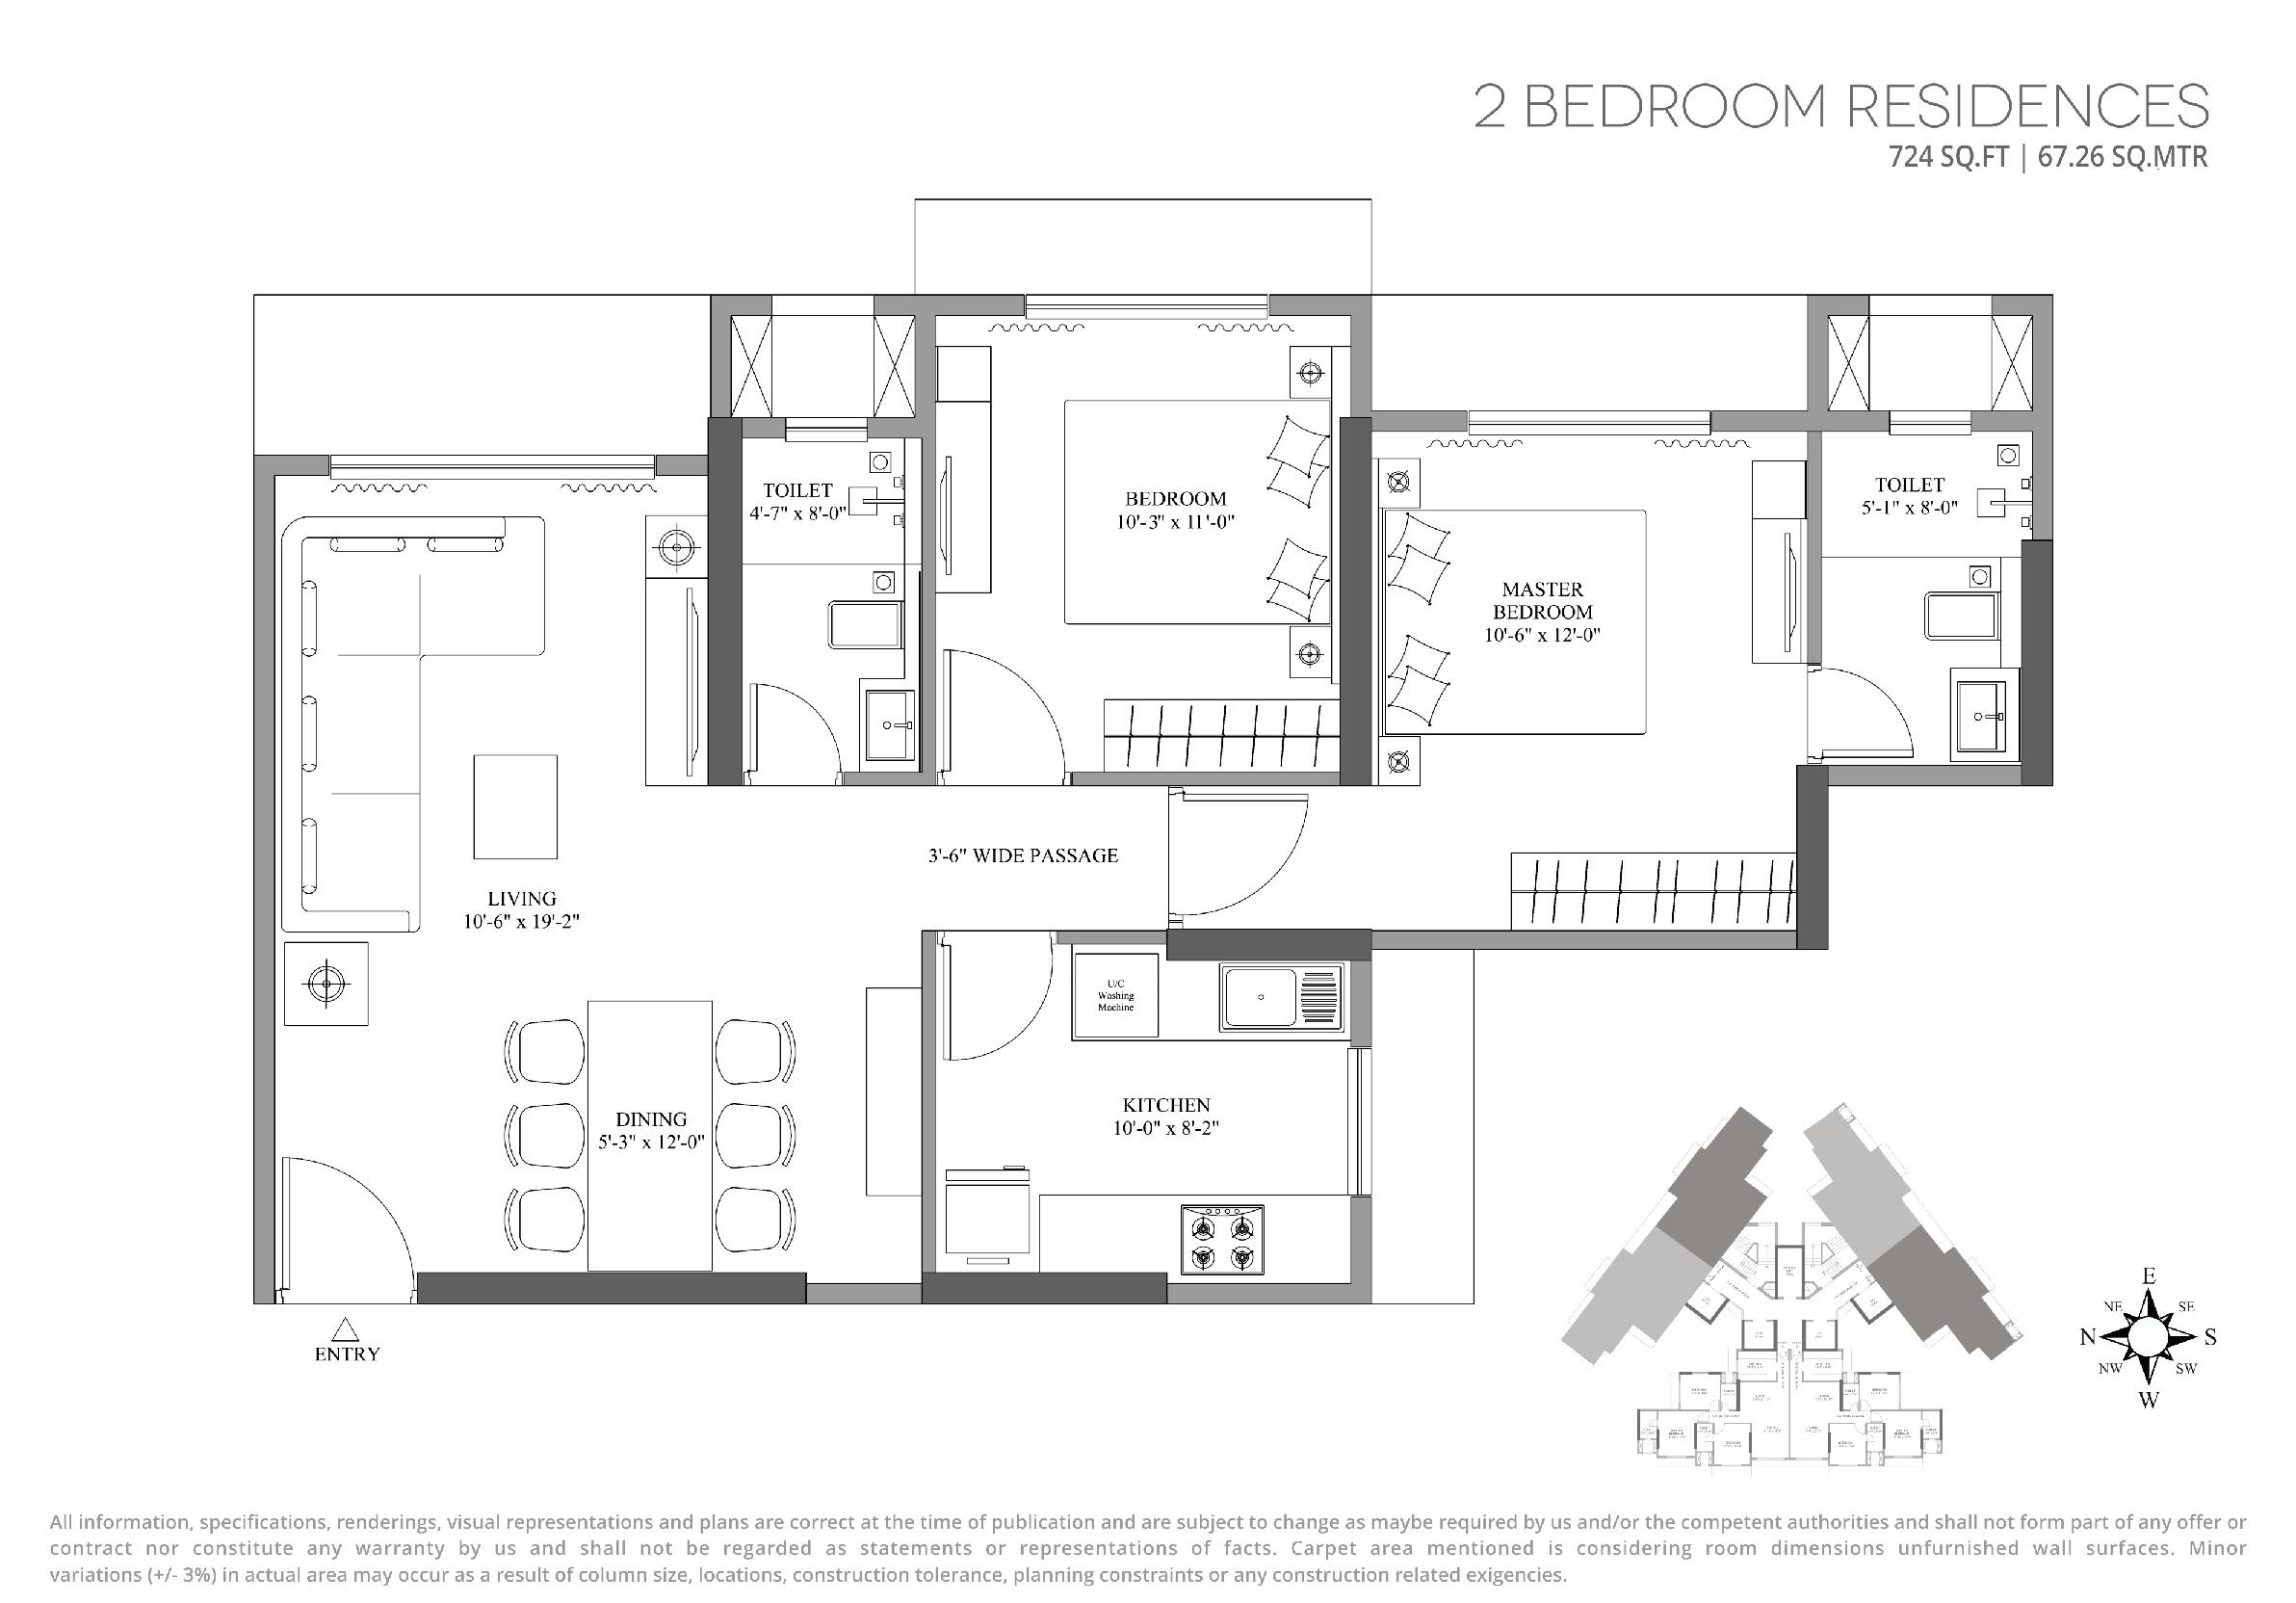 lotus unity apartment 2 bhk 724sqft 20202412132419